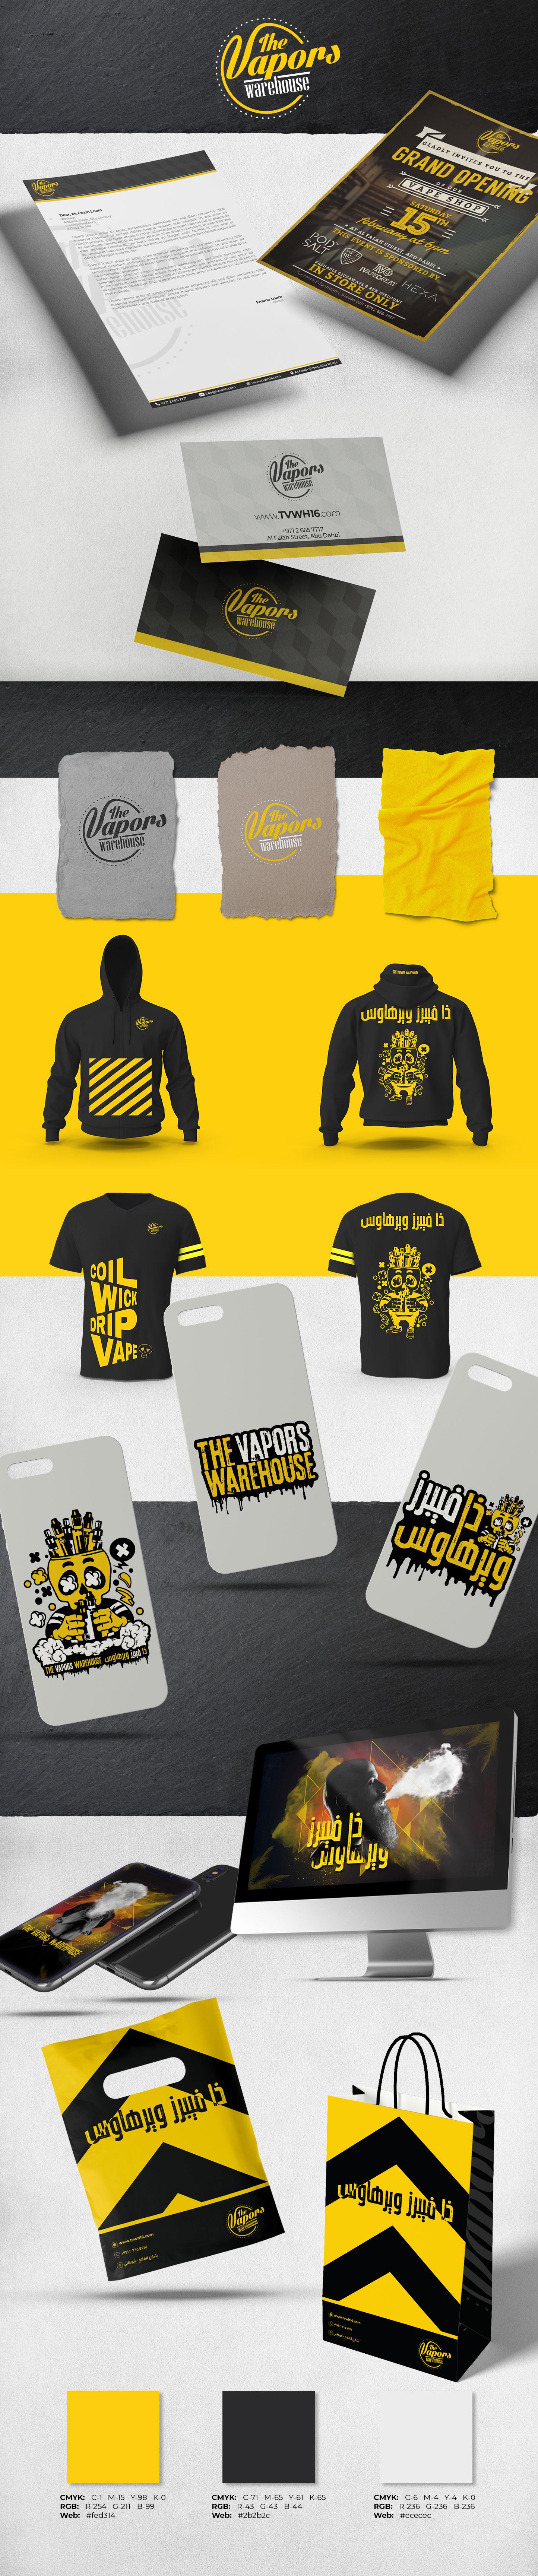 The Vapors Warehouse branding by Digitiz Studio design agency in Lebanon